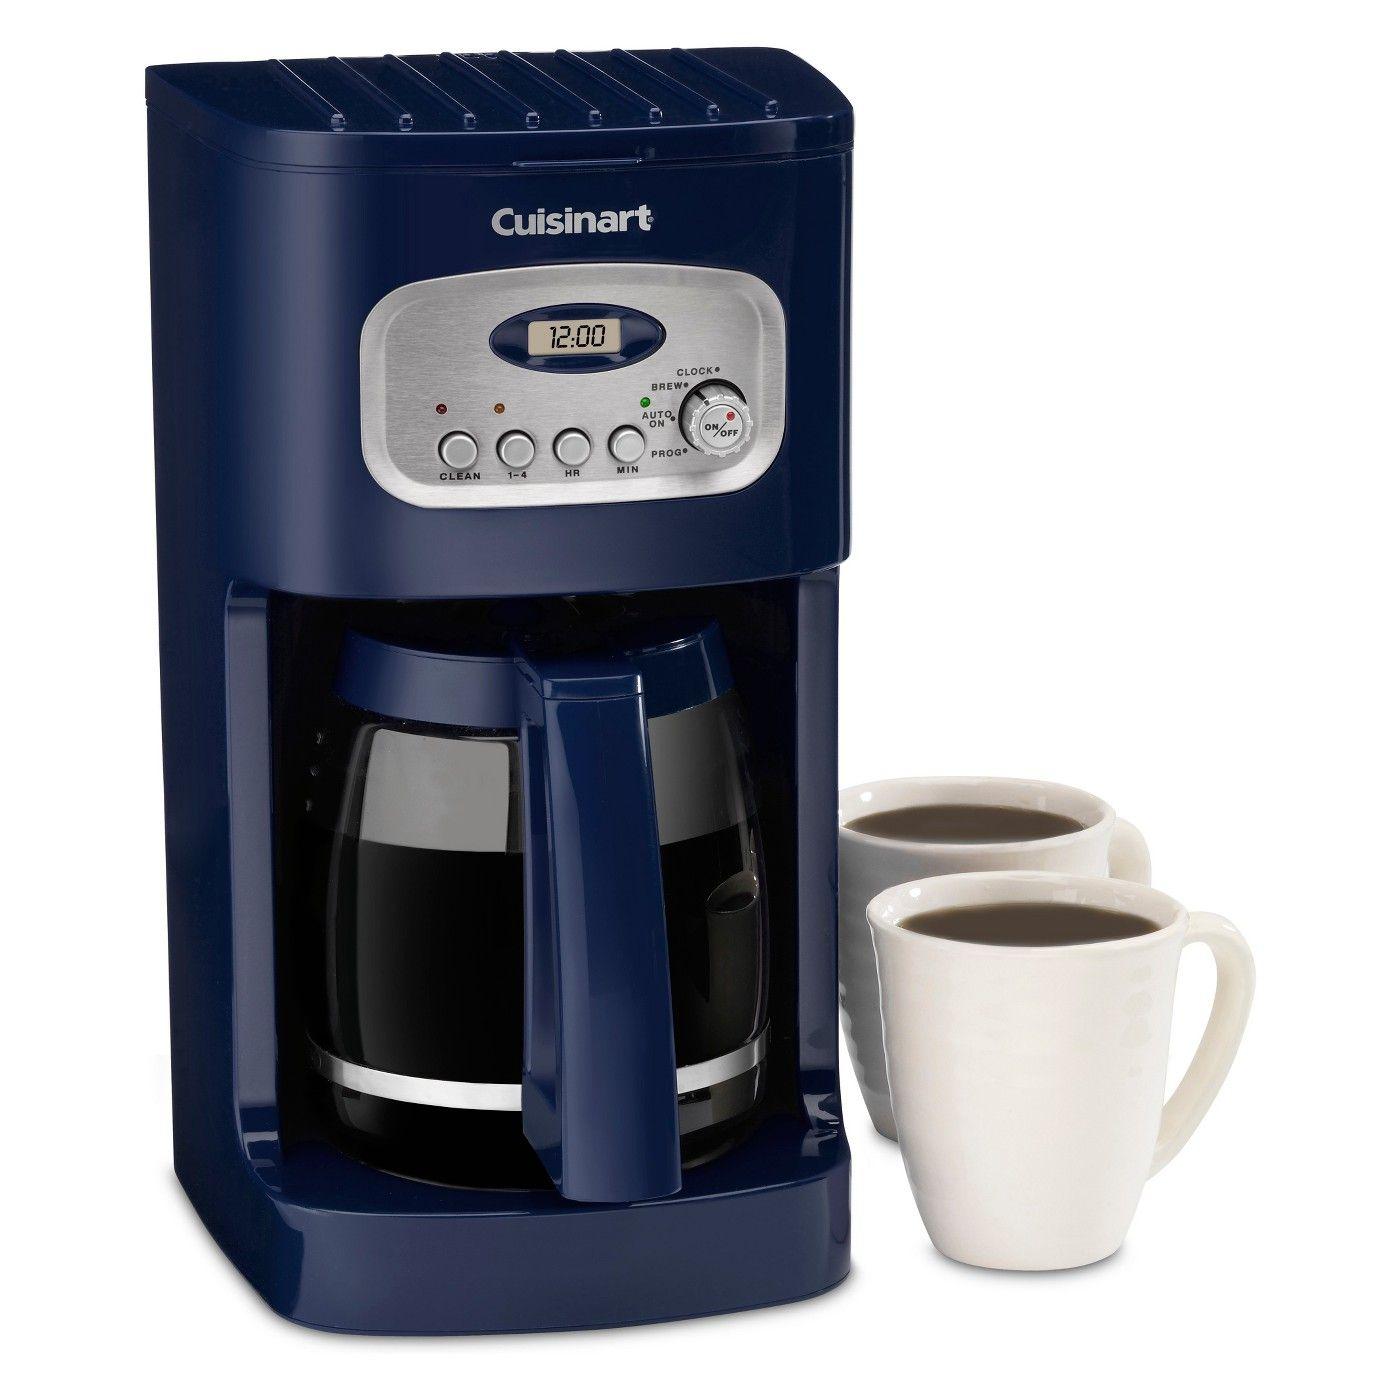 Cuisinart Programmable Coffeemaker Navy image 1 of 5